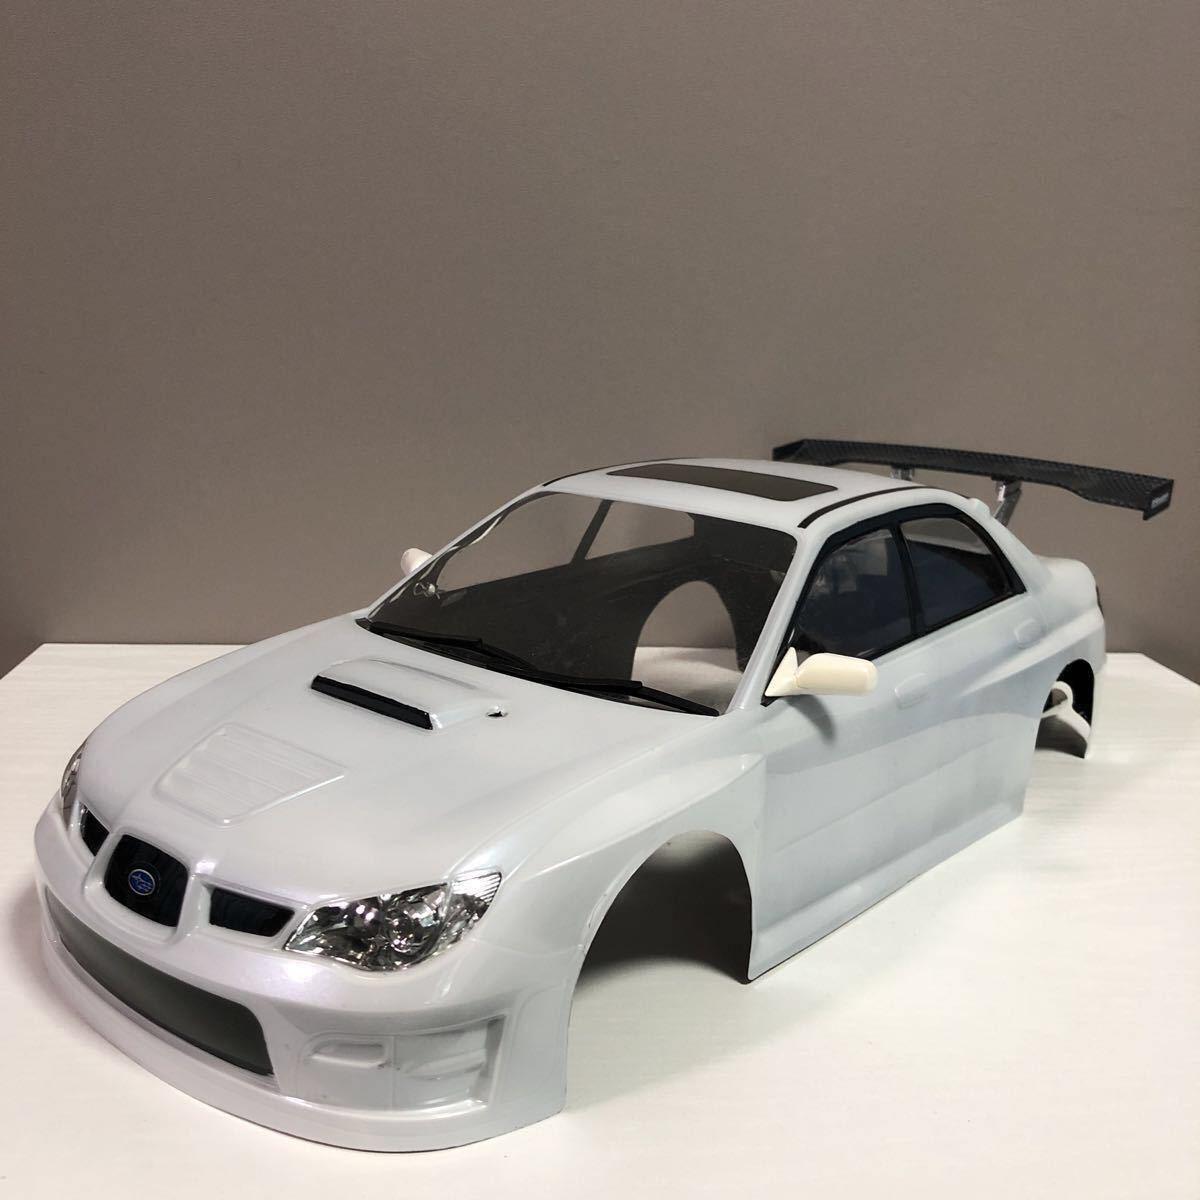 売切!1円スタート!タミヤ 1/10 電動RC ボディセット スバル インプレッサ WRC 塗装済 ジャンク 社外ウイング ライトユニット付